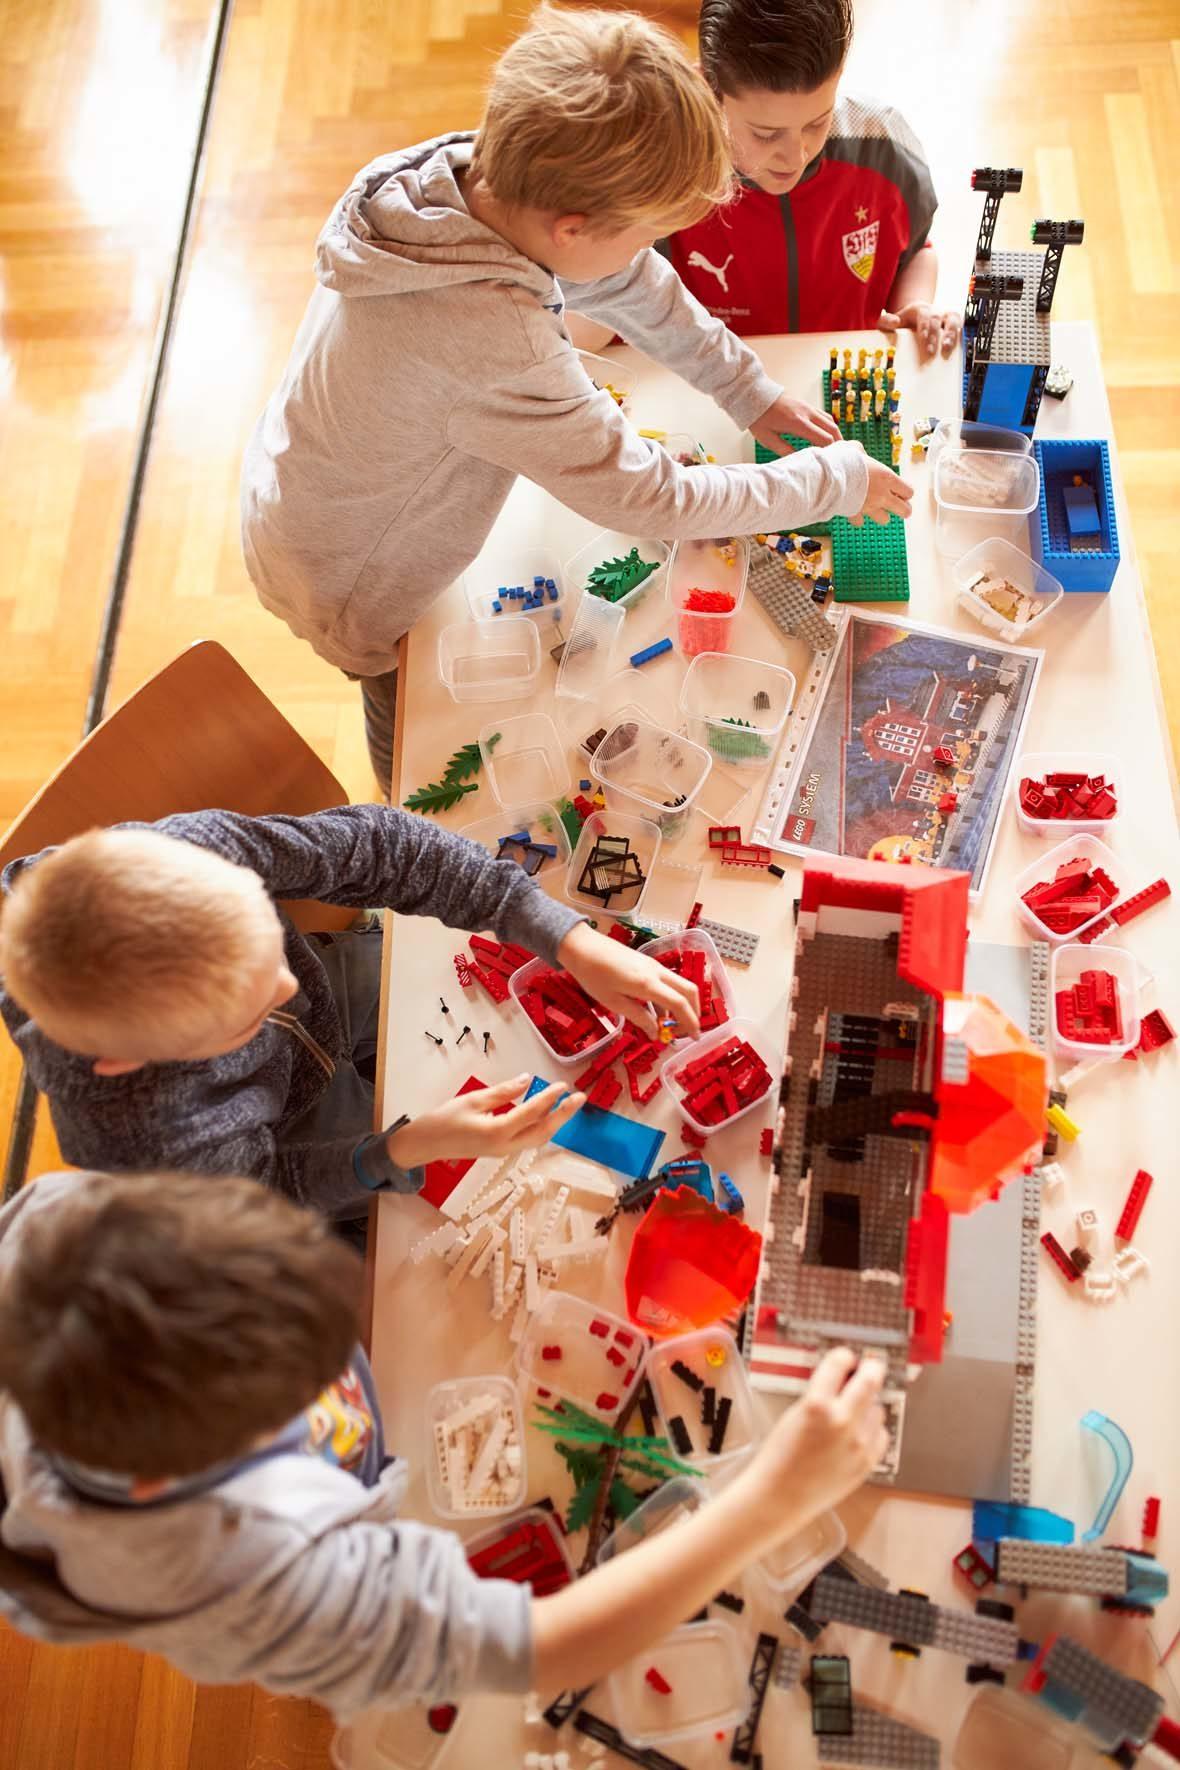 Blick von oben auf einen Tisch, dort liegen sehr viele LEGO-Steine verstreut und auch in Plastikbehältern herum. Vier Jungen bauen mit den Steinen zwei Gebäude.